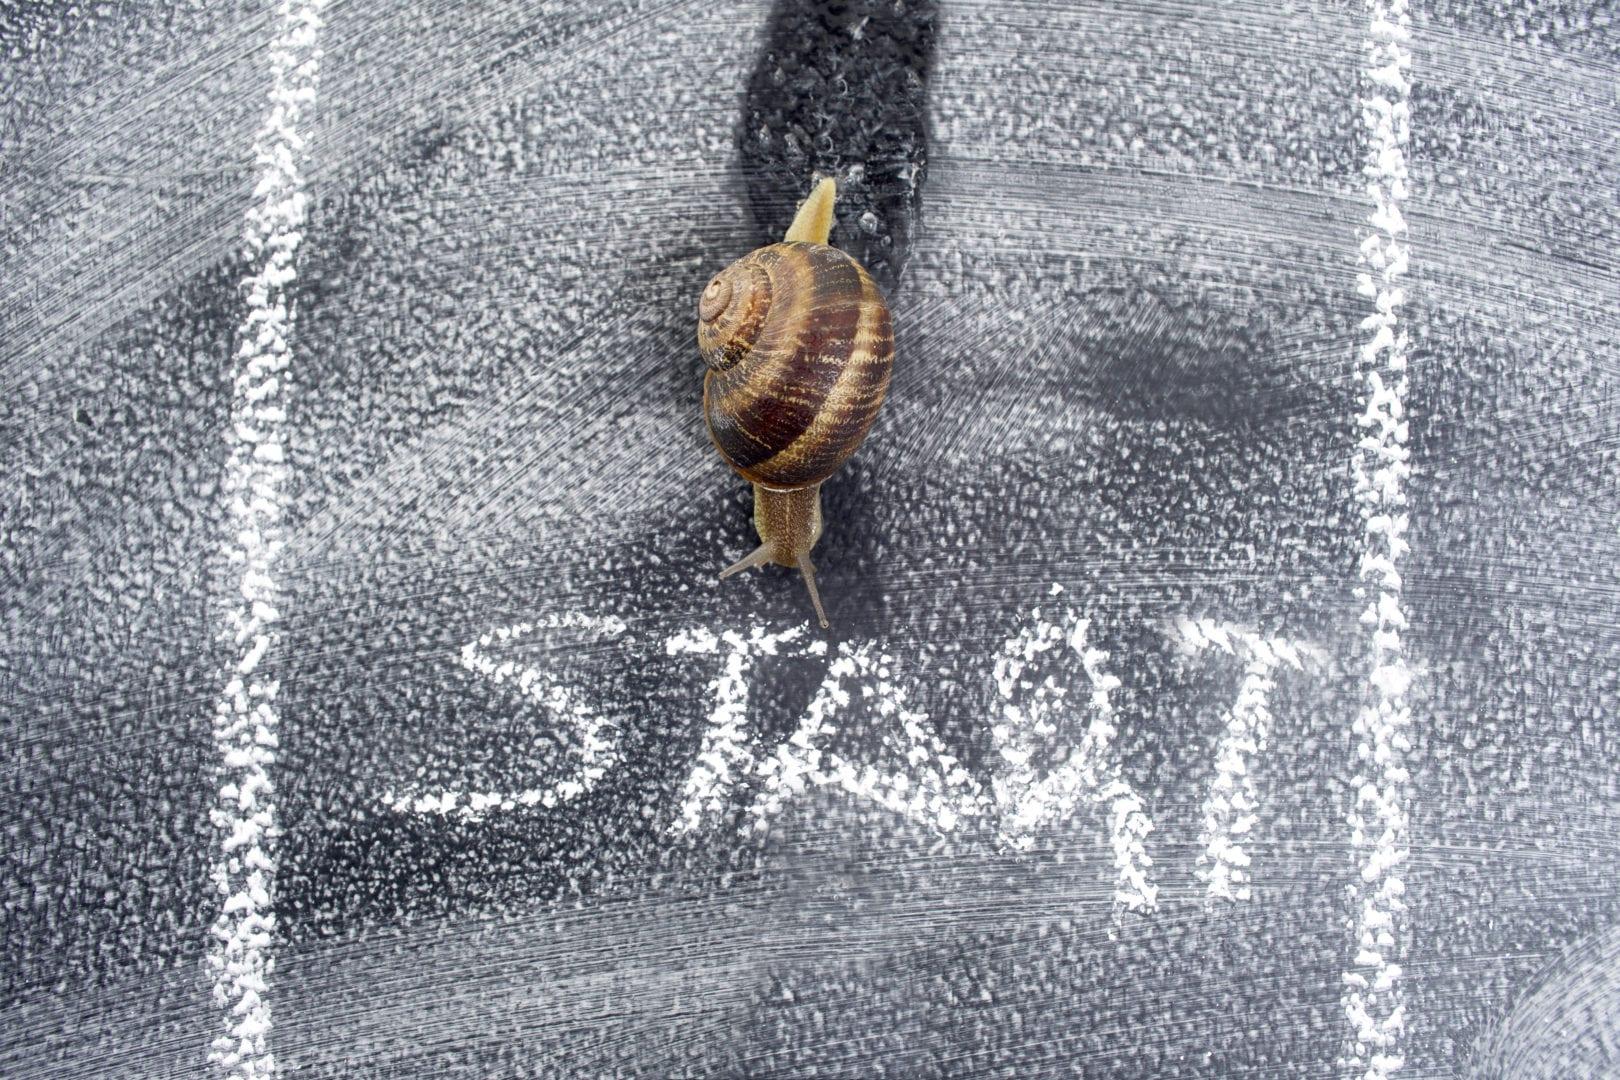 Snail on chalkboard